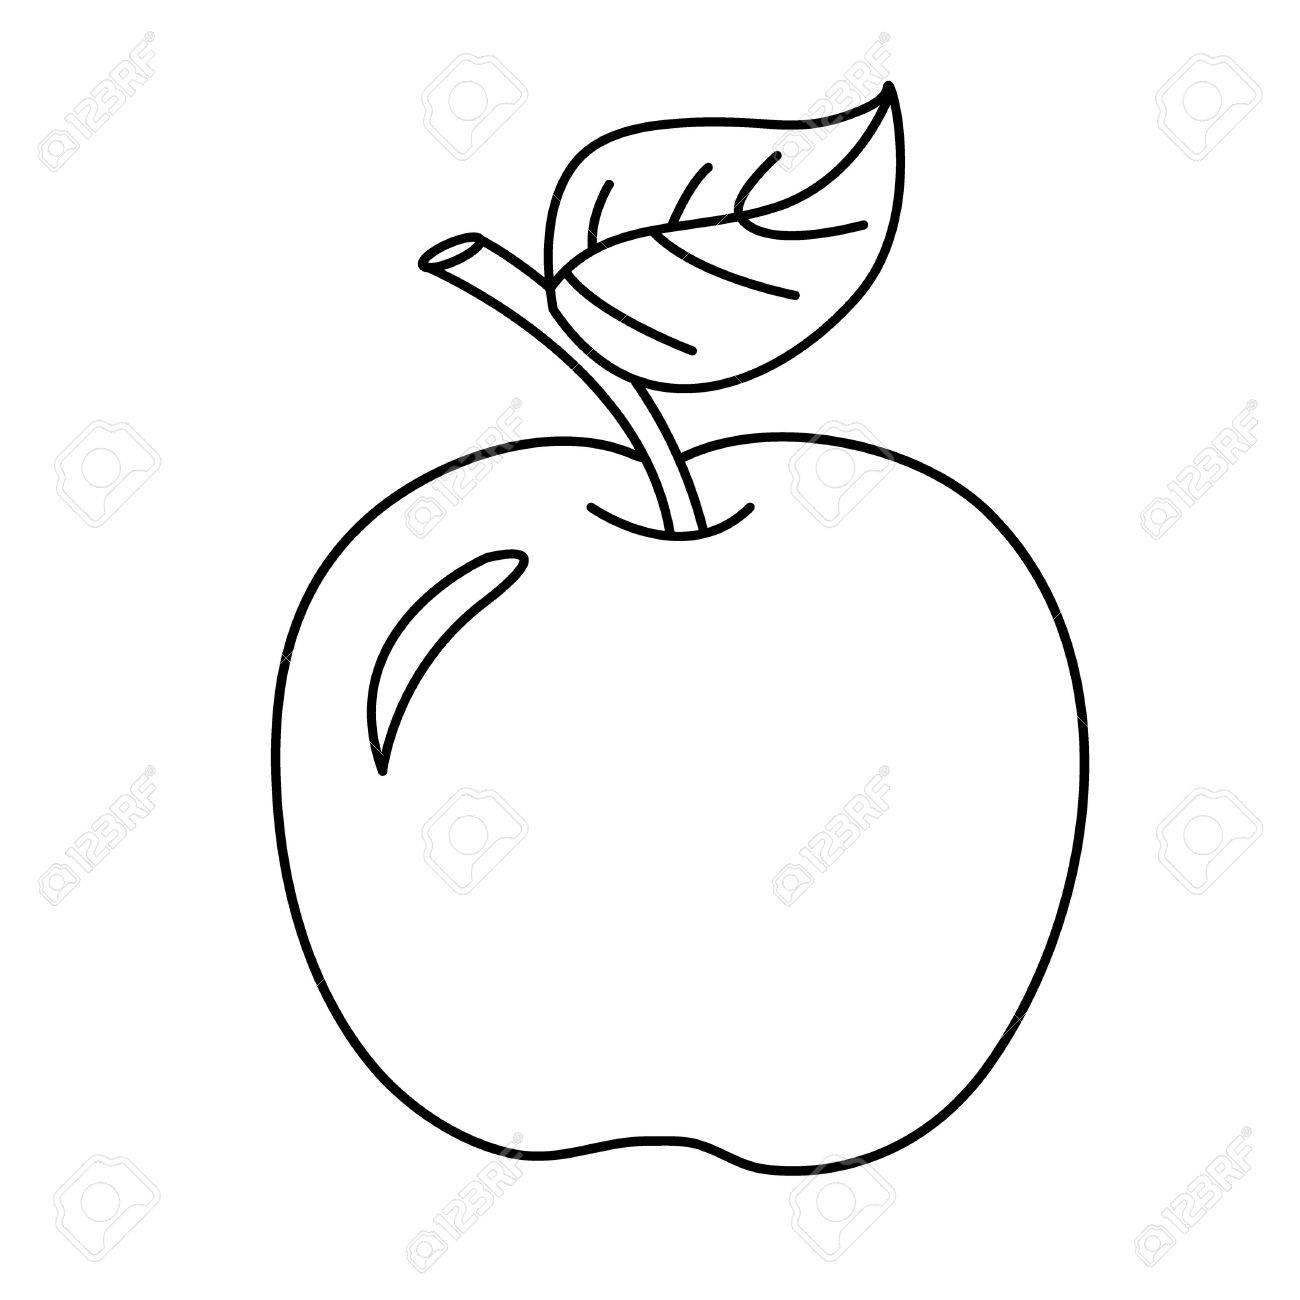 Página Para Colorear Esquema De Manzana De La Historieta. Frutas ...